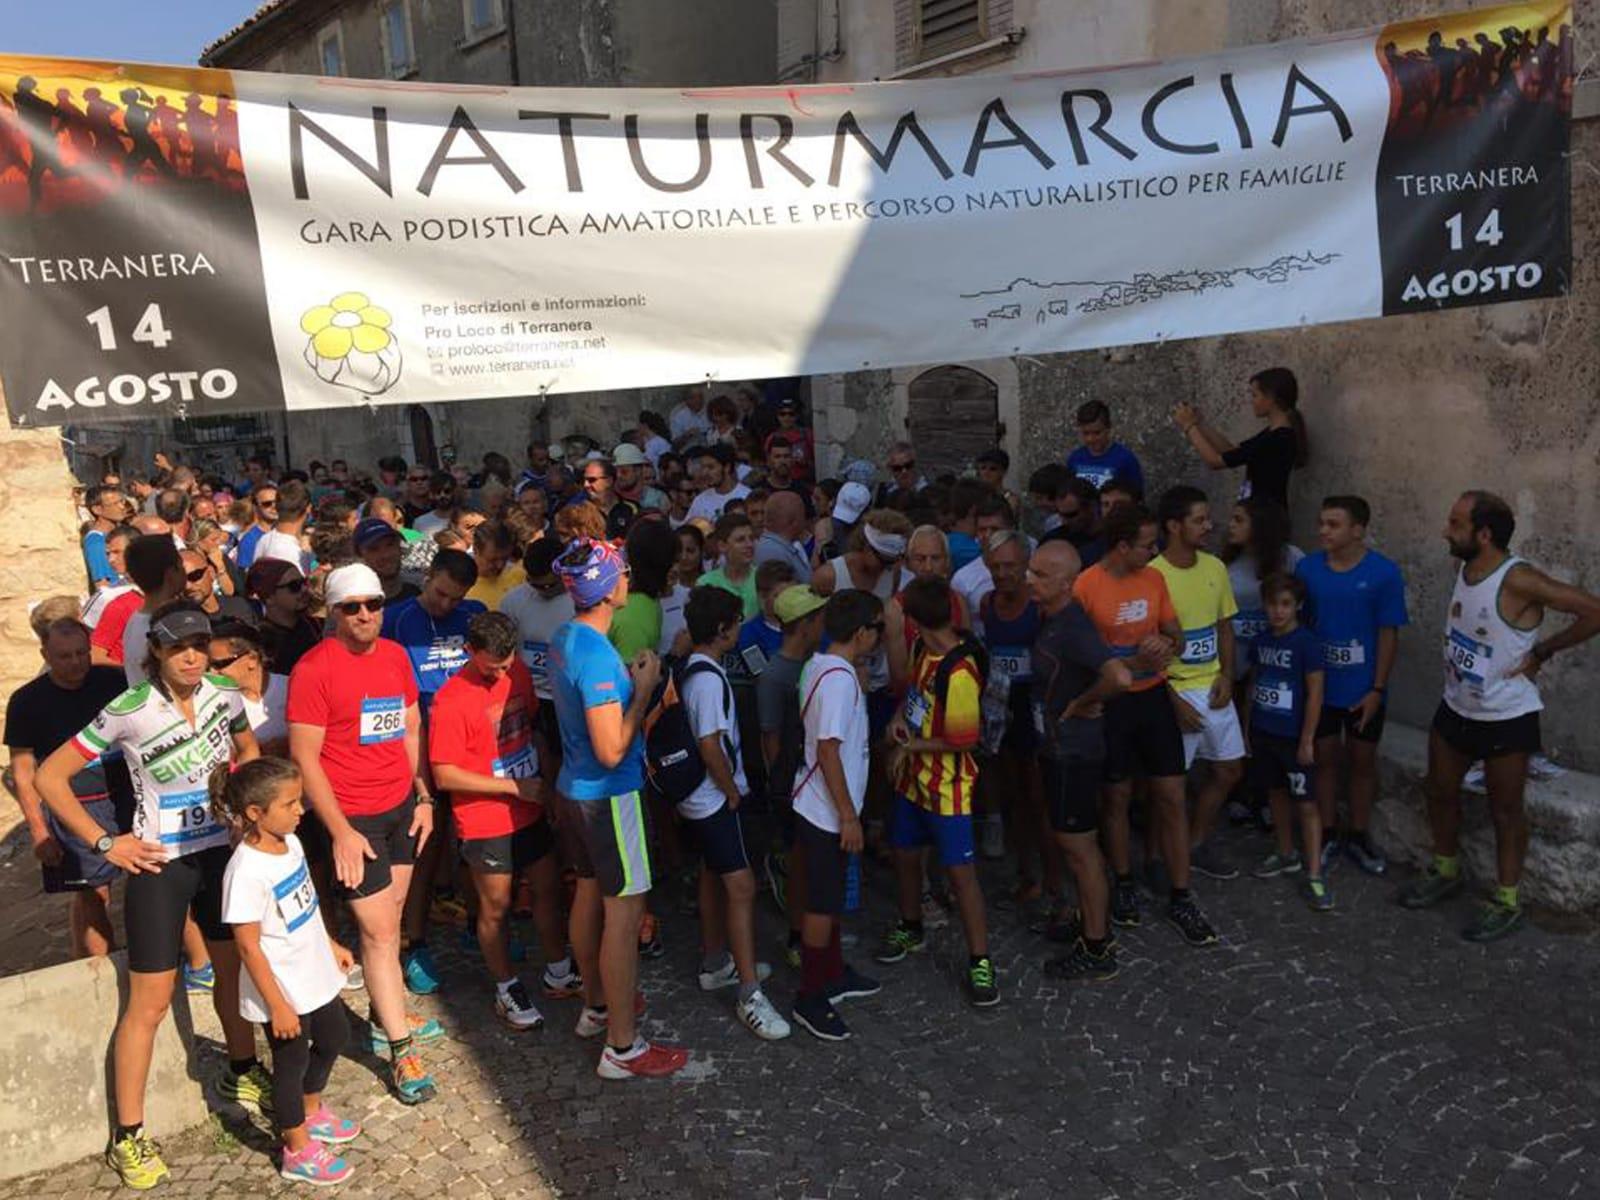 A Terranera la 43^ edizione della Naturmarcia, l'evento che unisce sport e divertimento